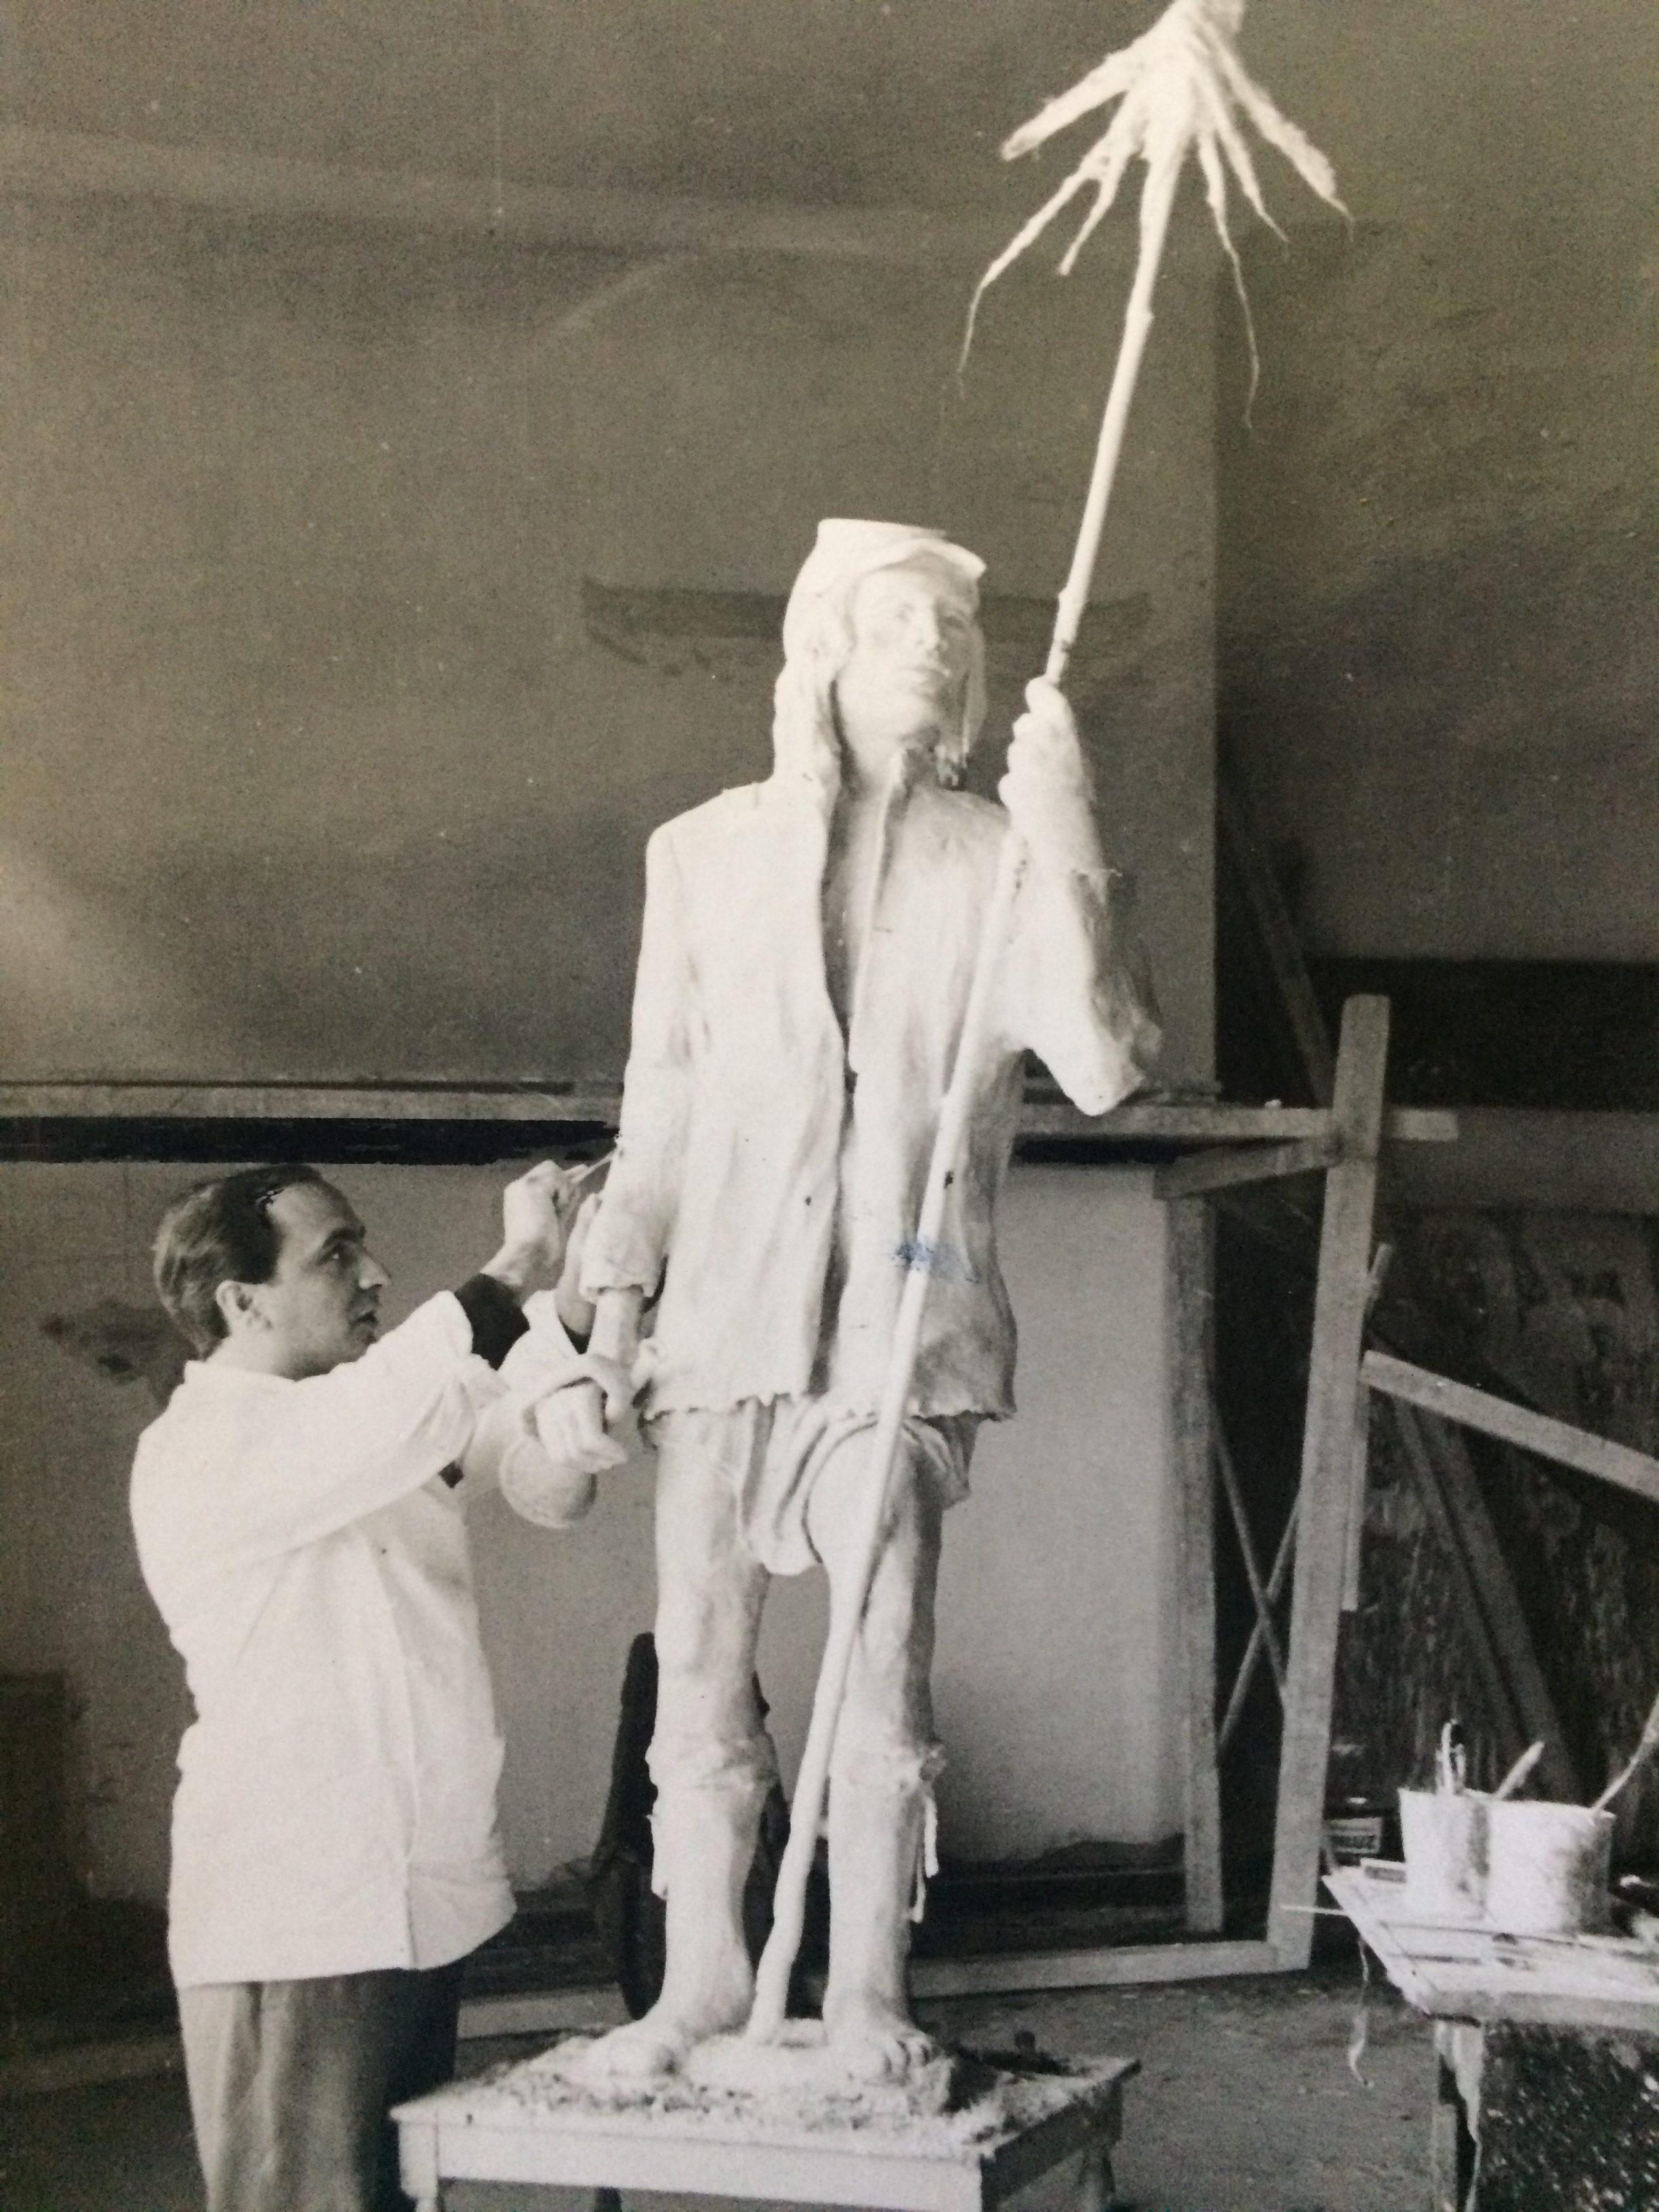 Diestro y laborioso, Osvaldo Néstor López, ha venido desarrollando, una significativa obra escultórica, que enaltece y enriquece, la historia artística de nuestra ciudad de Chivilcoy.